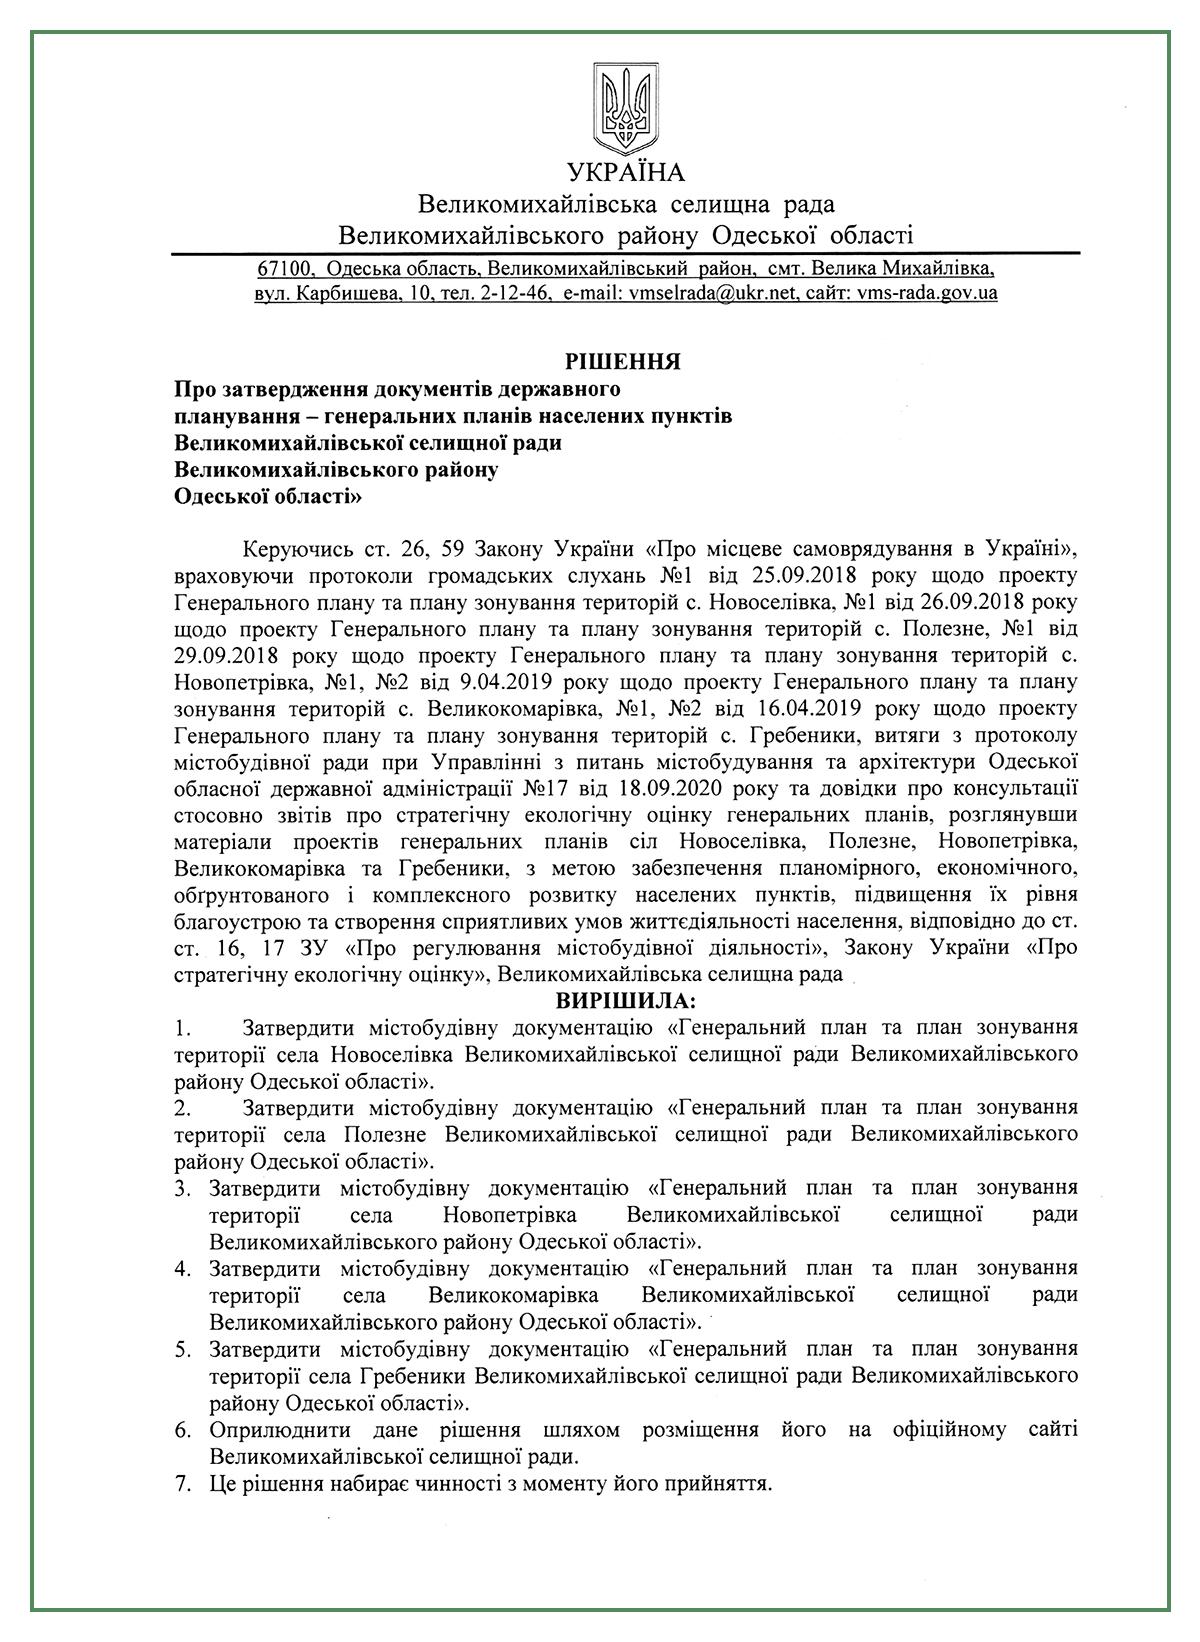 утвердили генпланы 5 сел Великомихайловского района